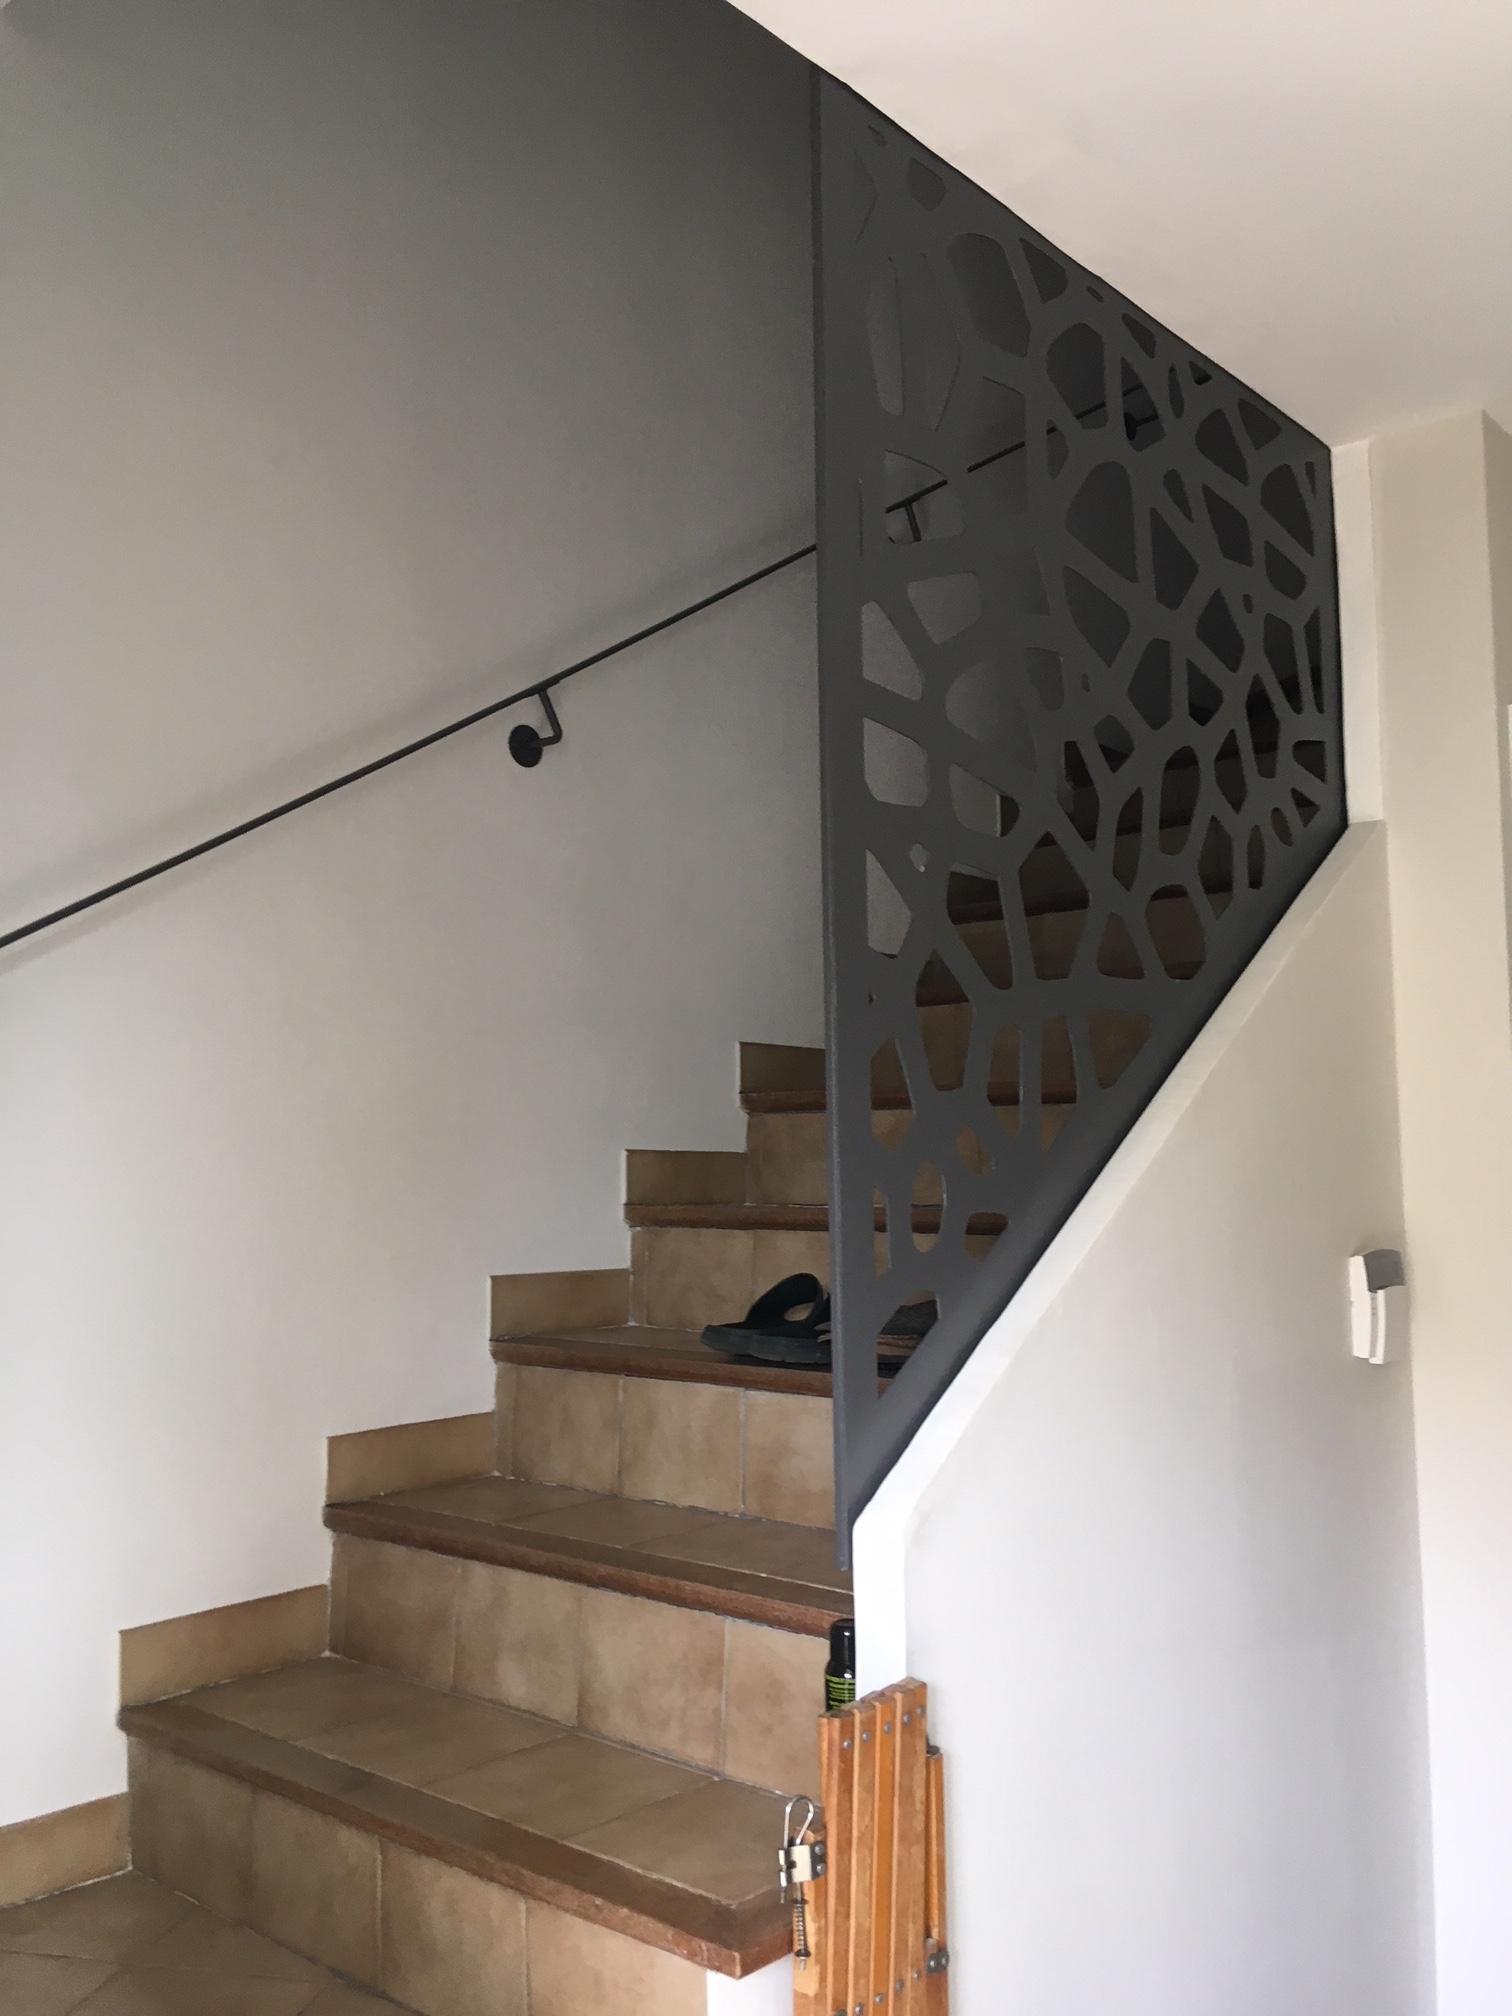 A la demande de notre client nous avons fabriqué sur mesure un garde corps de protection escalier en version découpe laser  avec main courante - réalisation sur plan . Localisation Provence